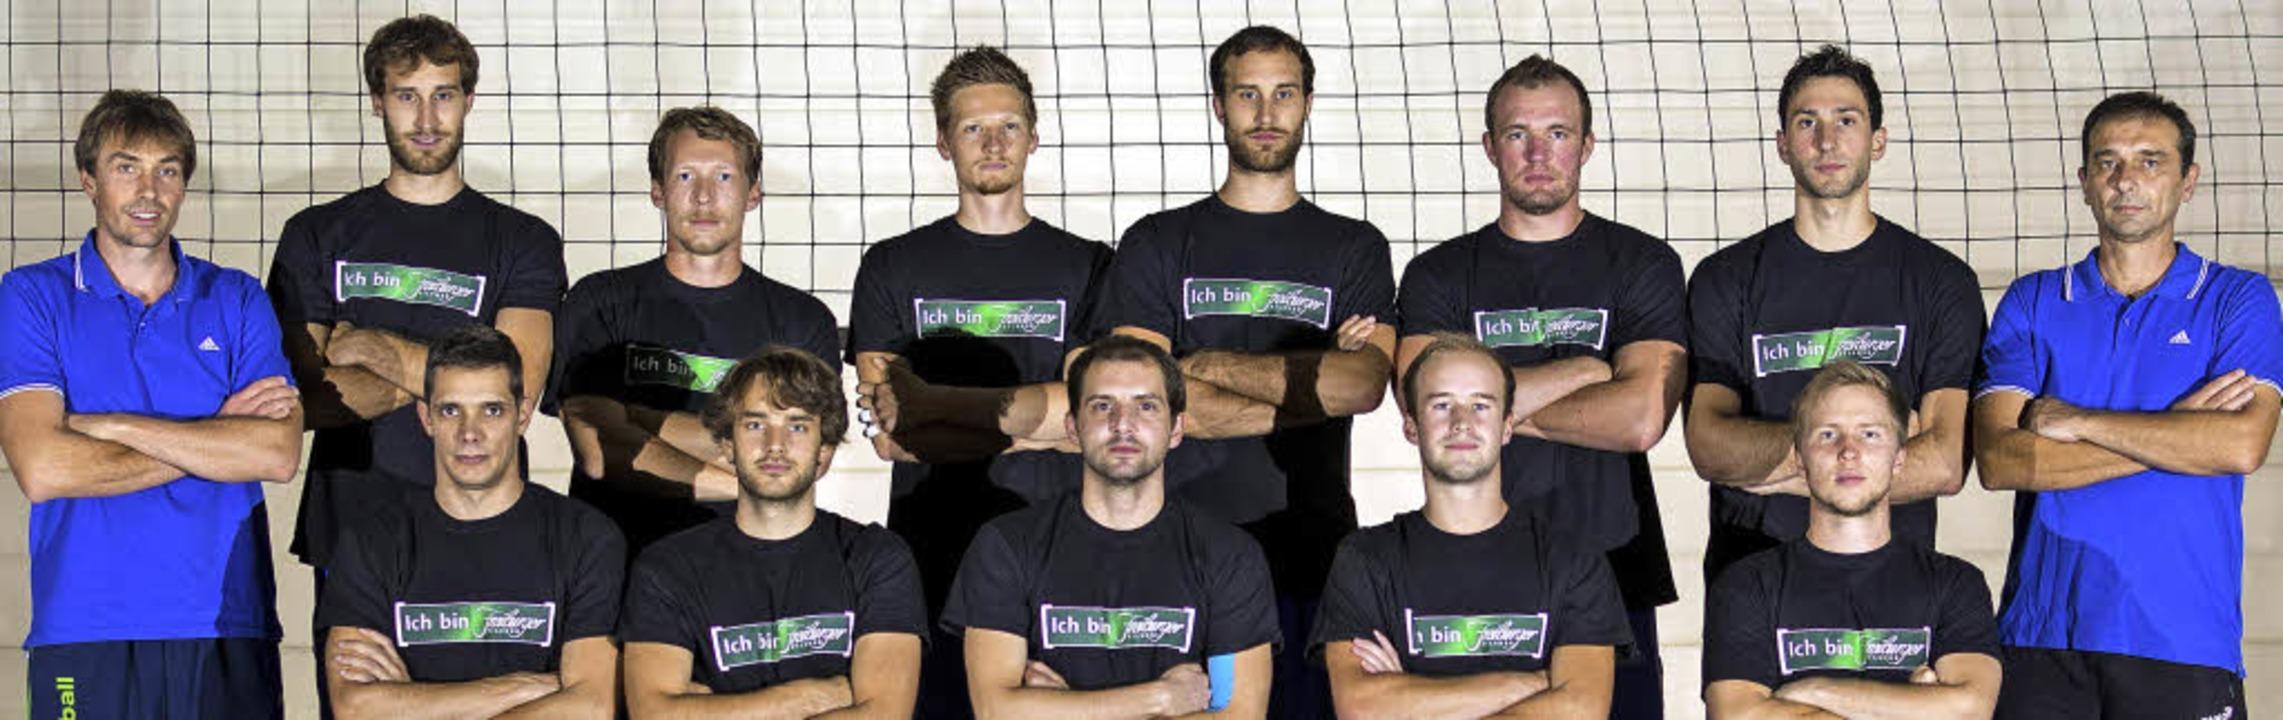 Bereit für die 14. Saison hintereinand...v, Oliver Morath und Jakob Schönhagen     Foto: Herrmann